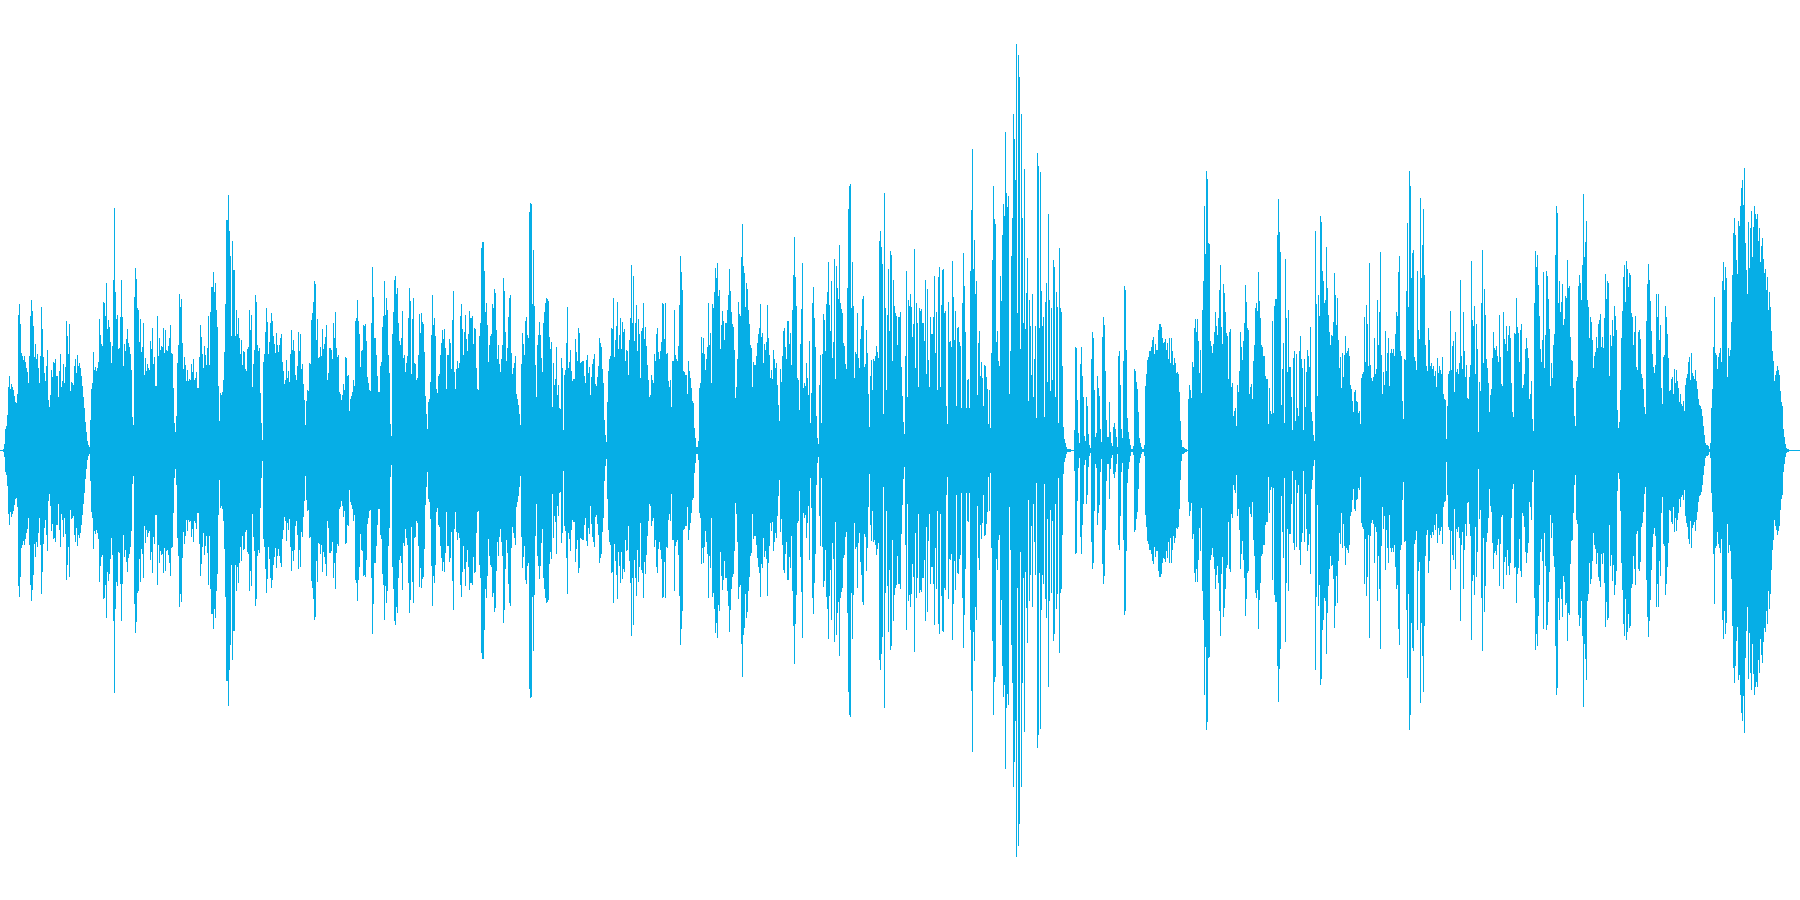 のんびり和やかクラシック風フルート3重奏の再生済みの波形